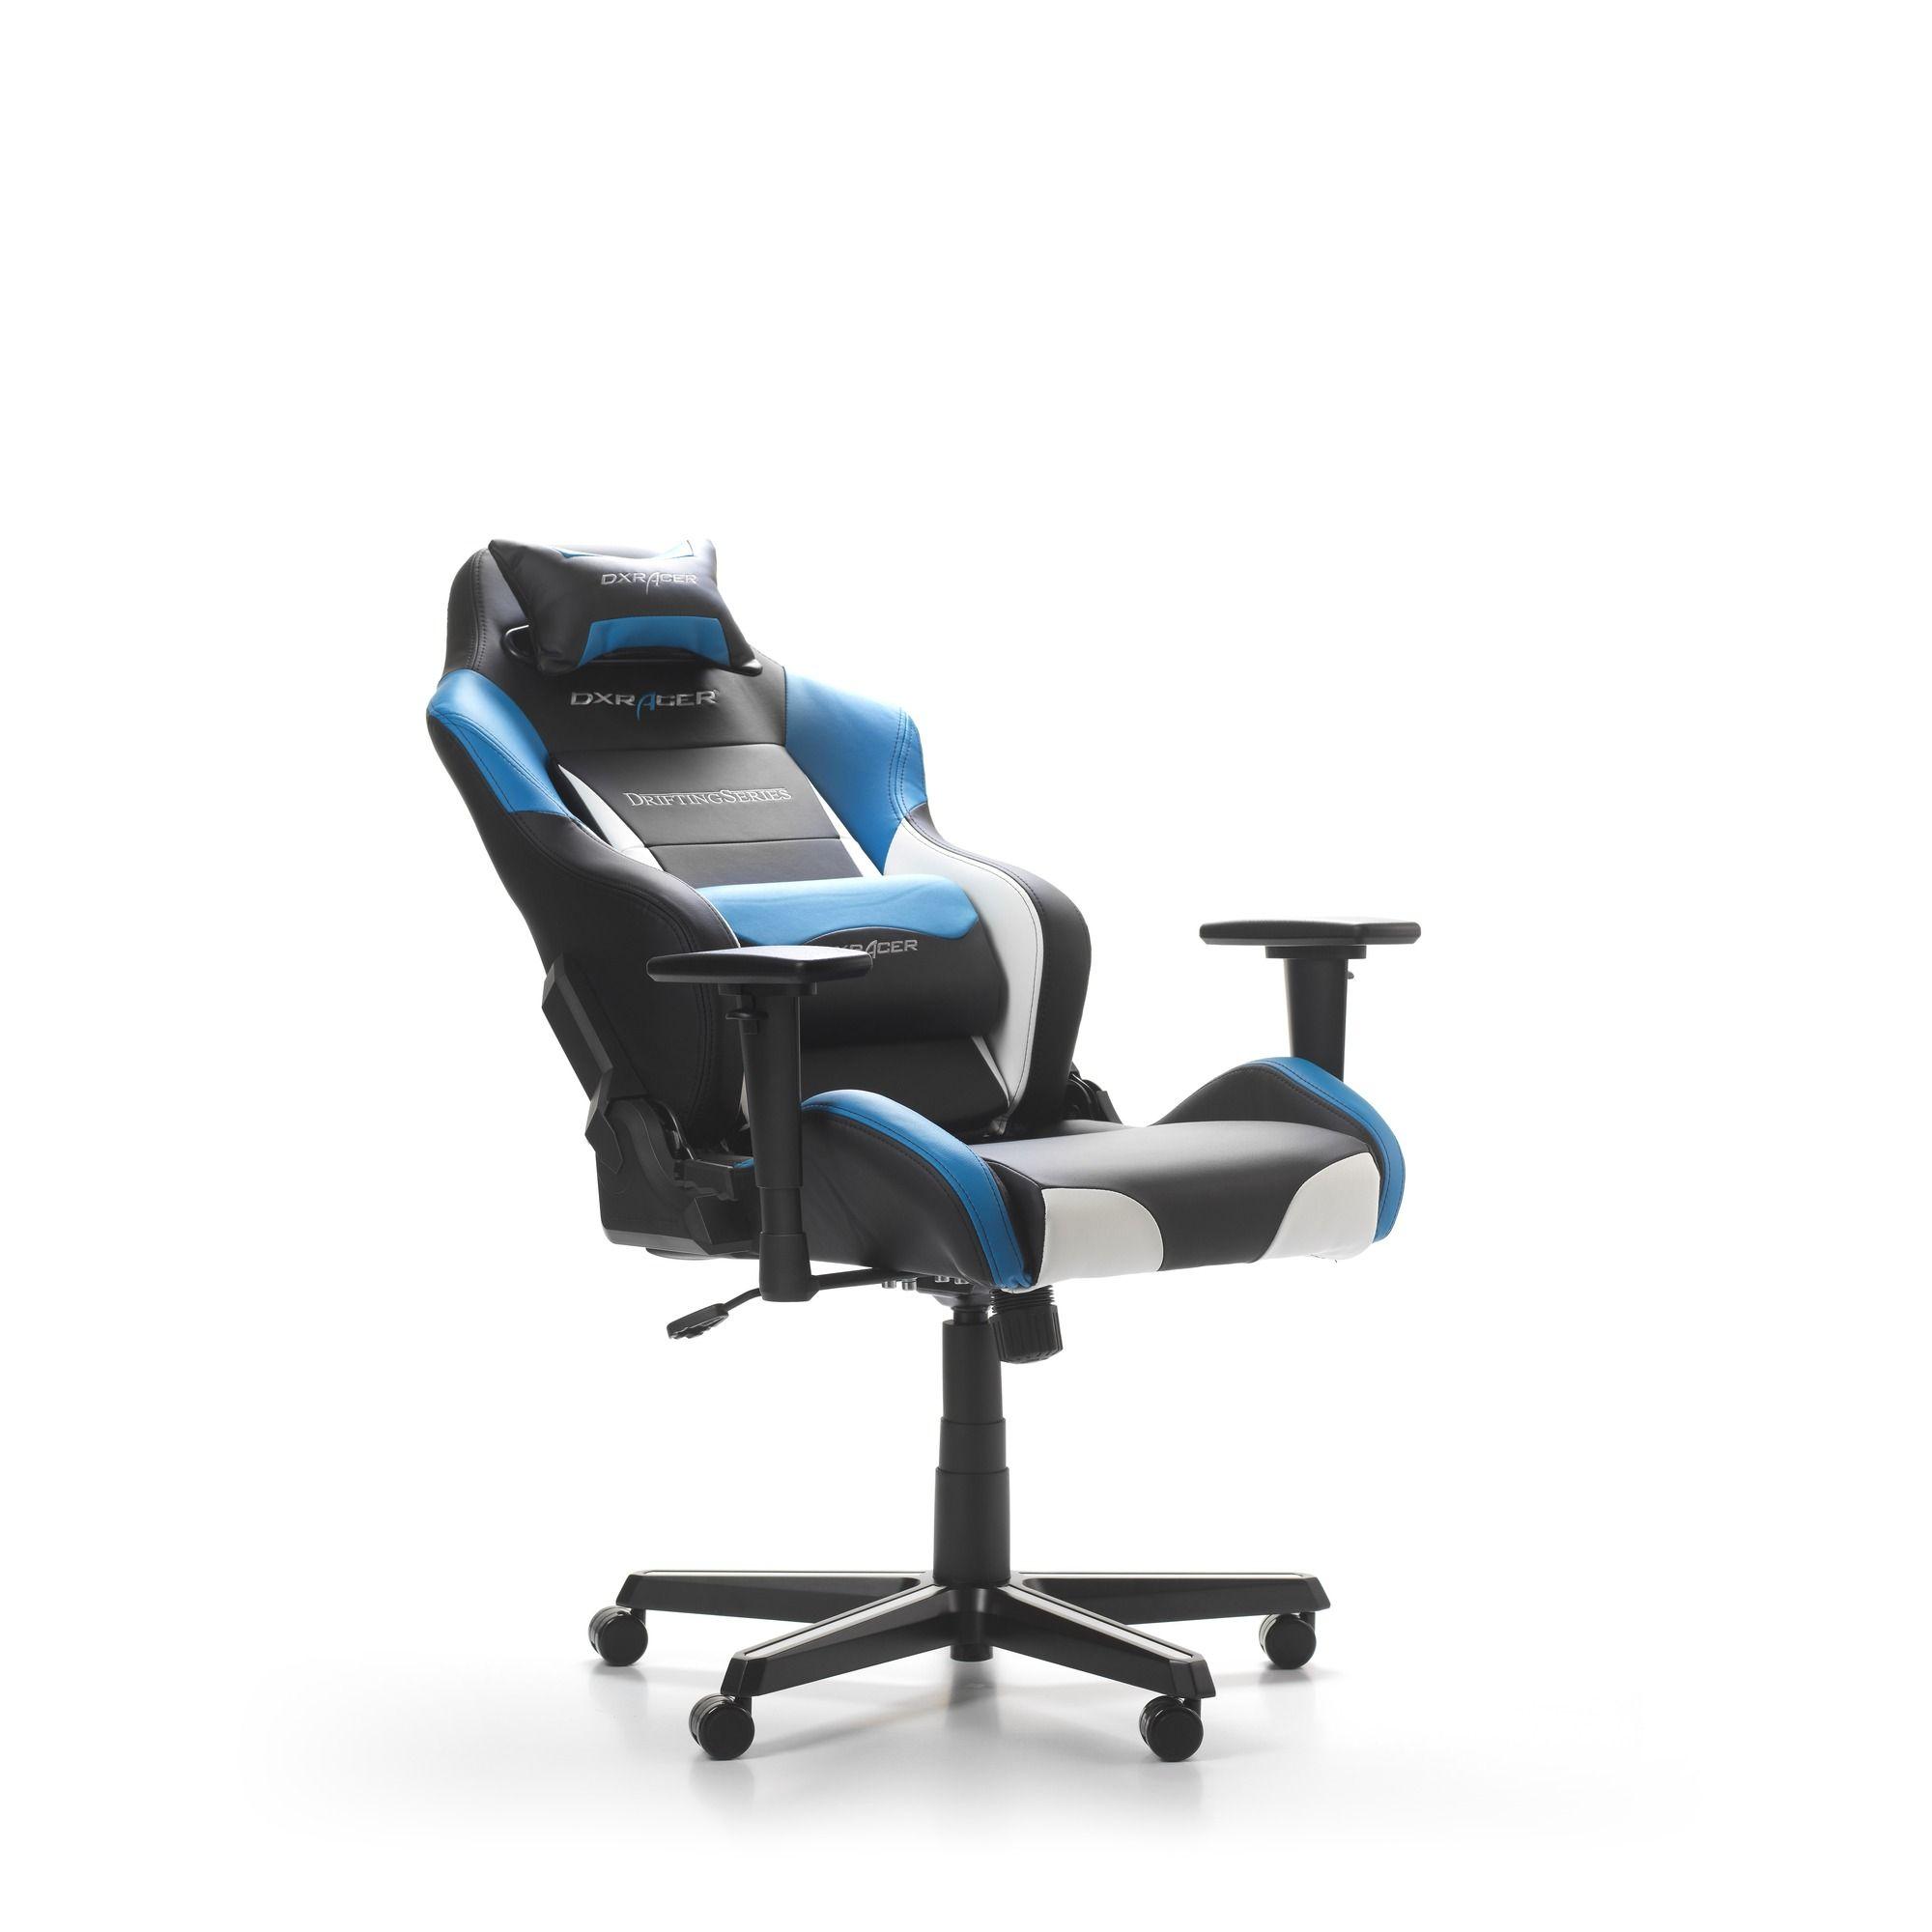 Геймърски стол DXRacer - серия DRIFTING, черен/бял/син - OH/DM61/NWB - 3